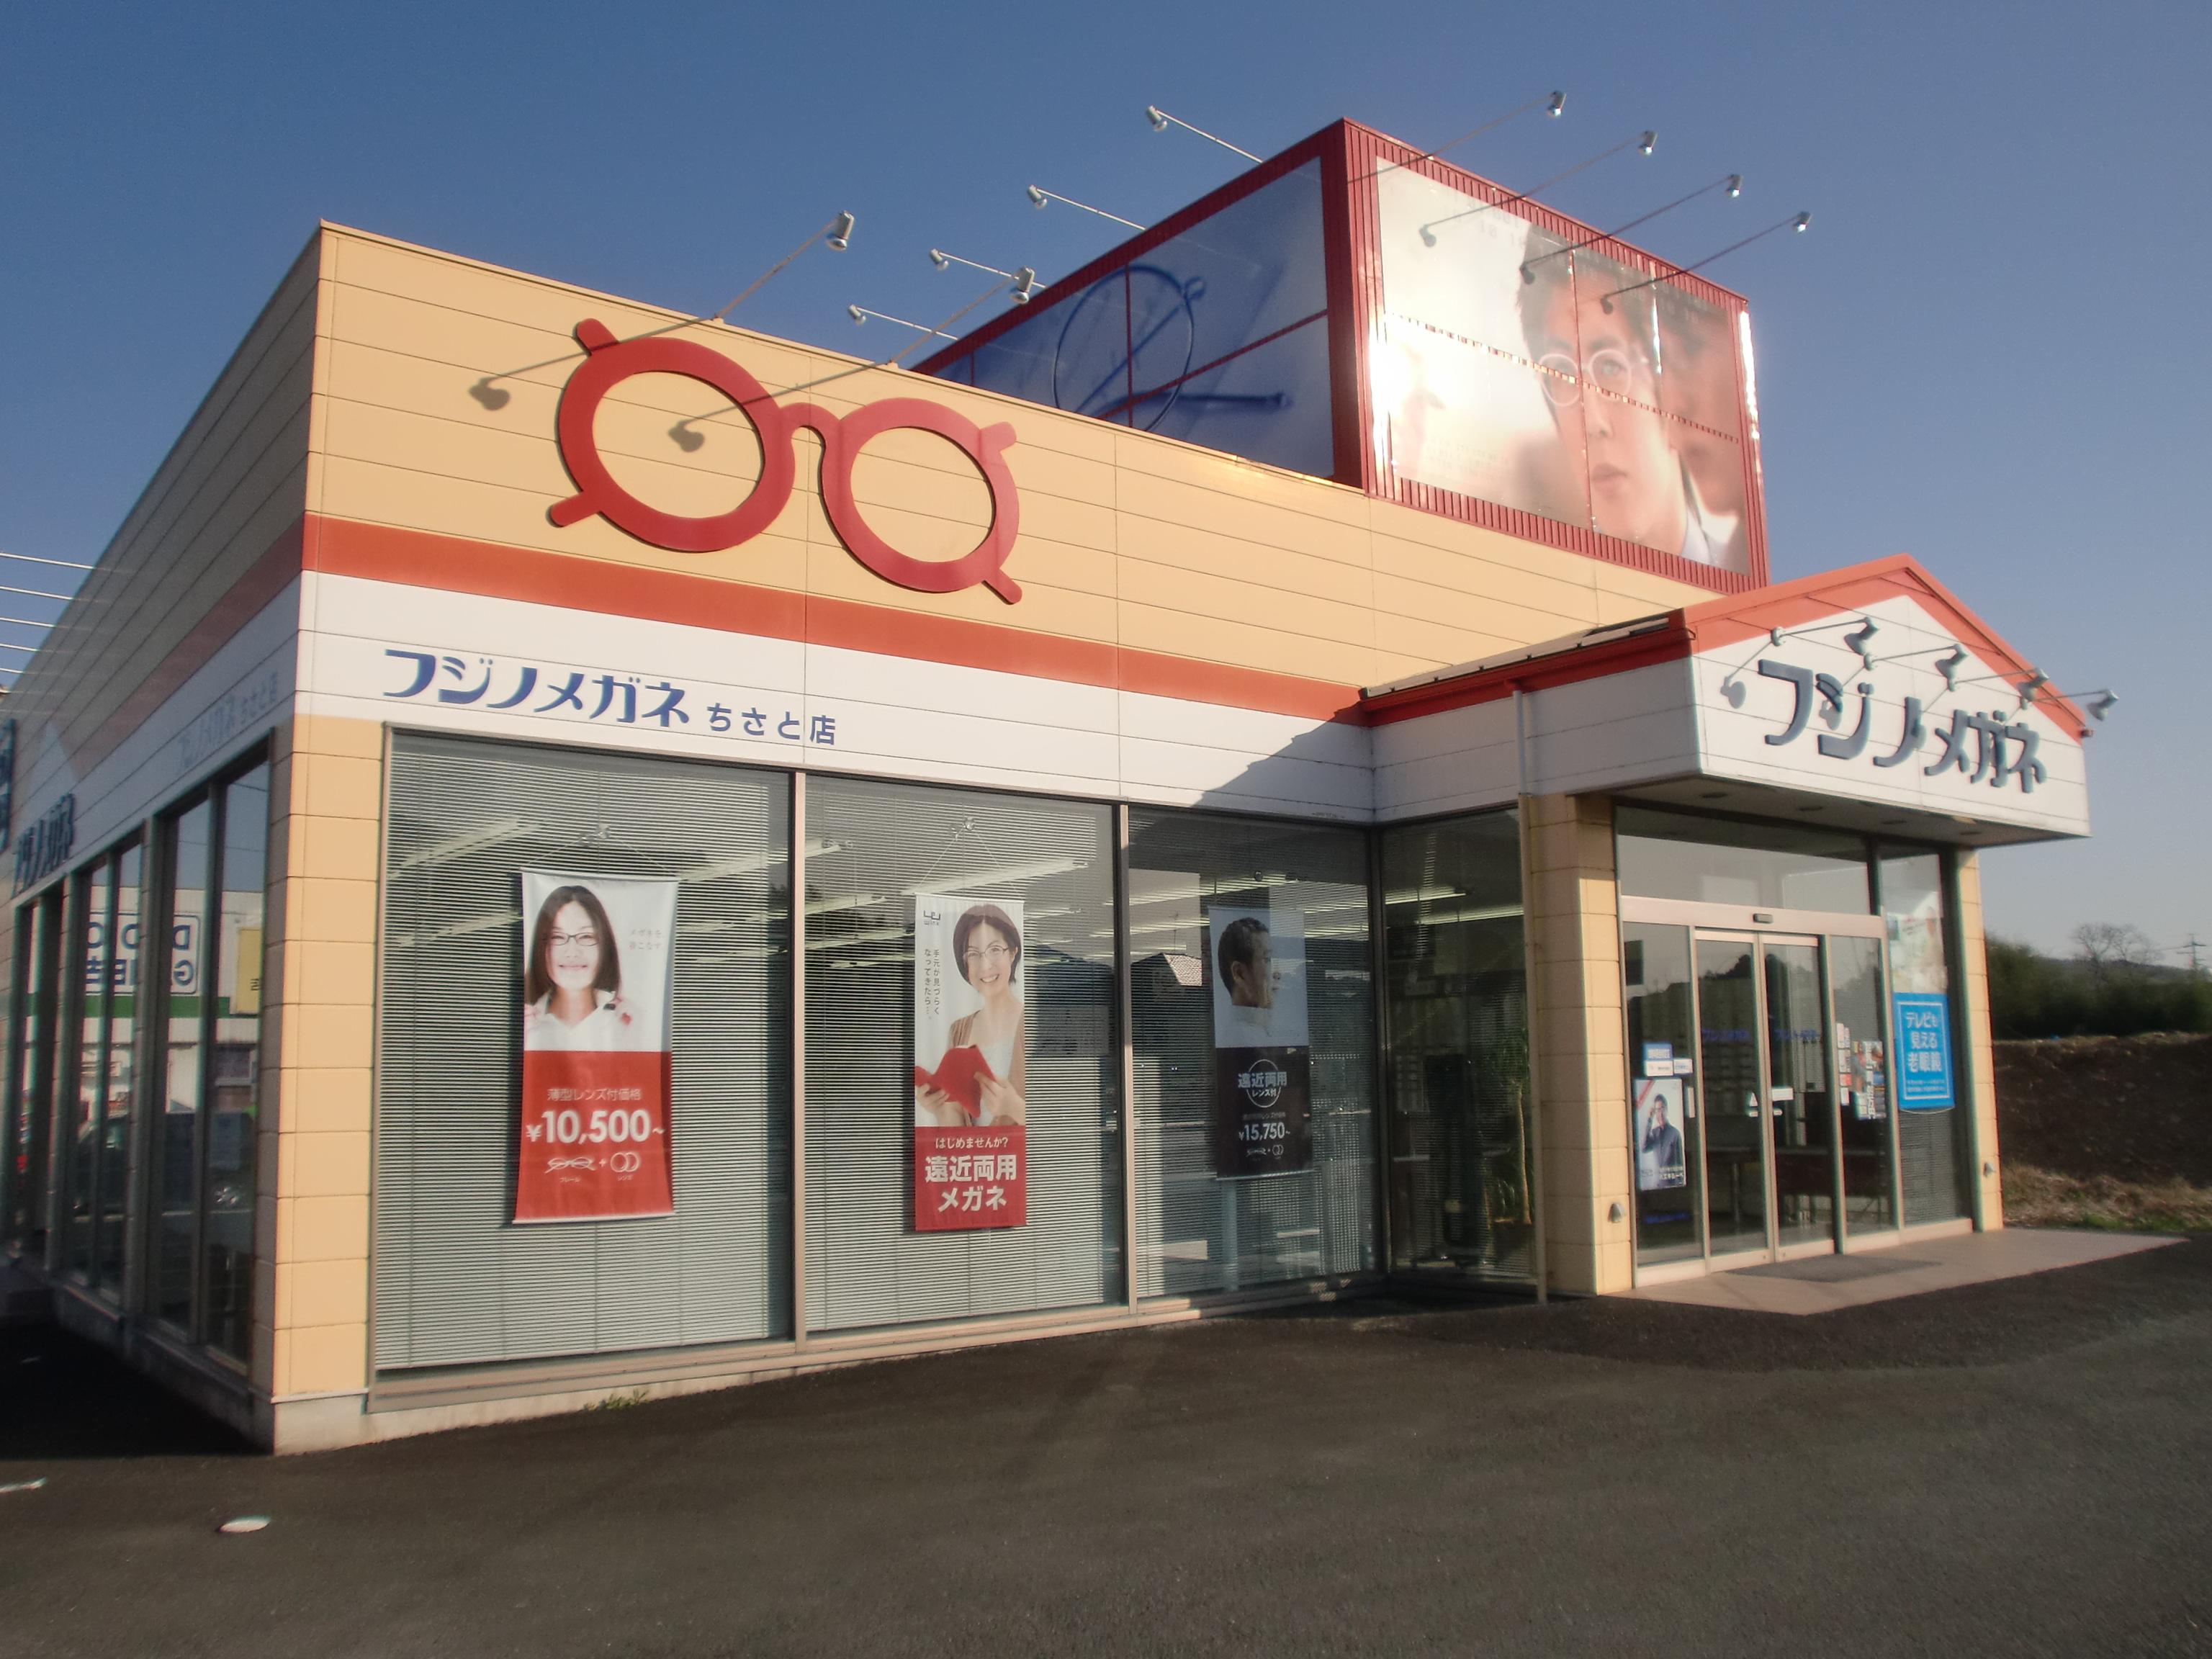 フジノメガネ(ちさと店)